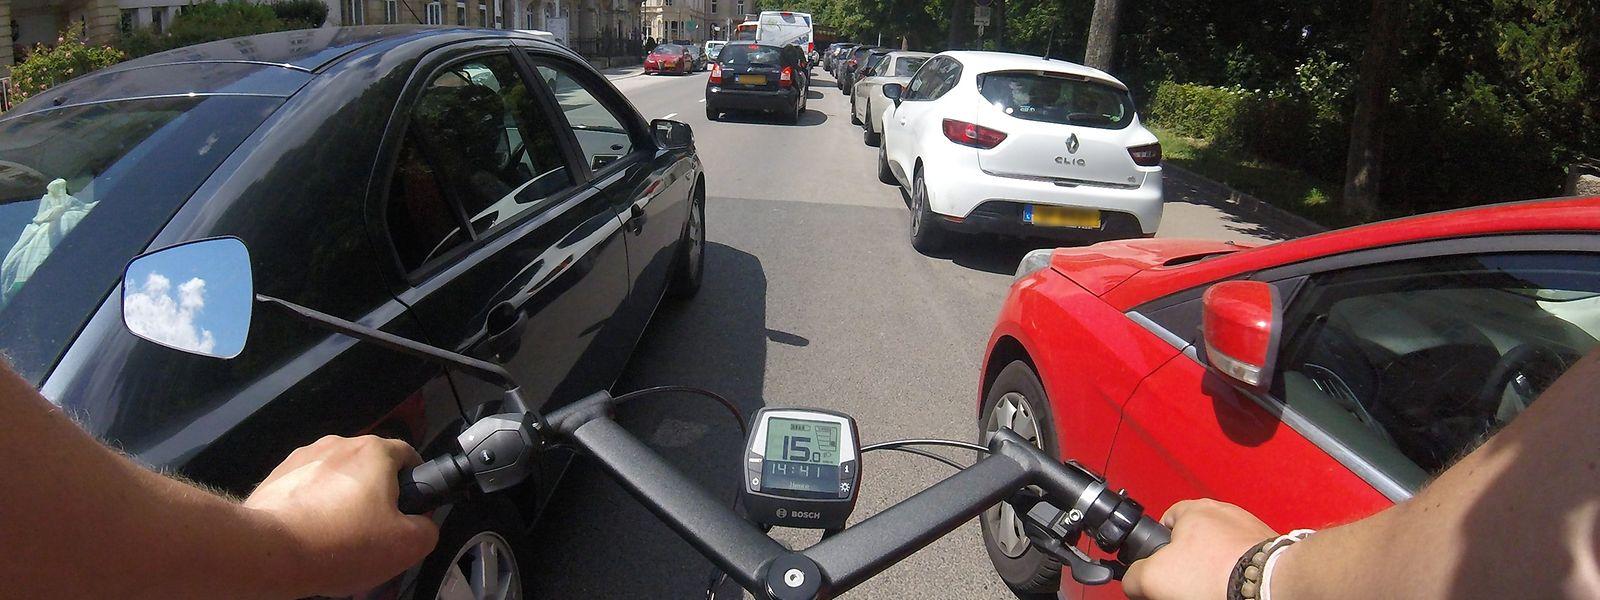 Die Zahl der Radfahrer in der Hauptstadt hat in den vergangenen Jahren drastisch zugenommen. Viele bemängeln trotz einiger Fortschritte einen nur zögerlichen politischen Willen beim Ausbau einer sicheren Infrastruktur.